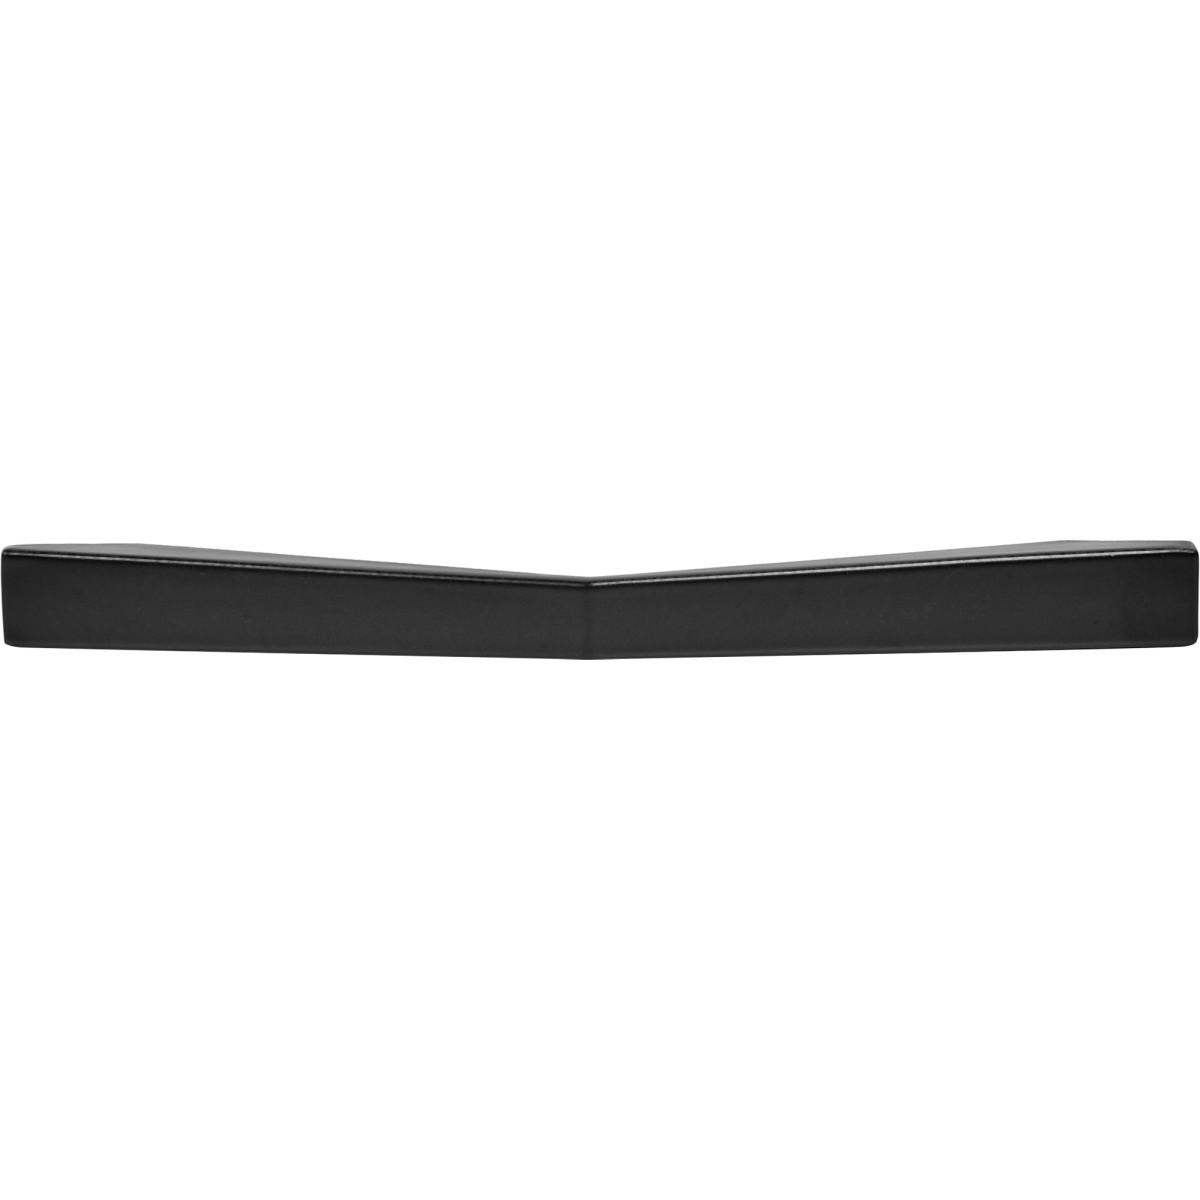 Ручка-Скоба L4006128bl 128 Цвет Чёрный